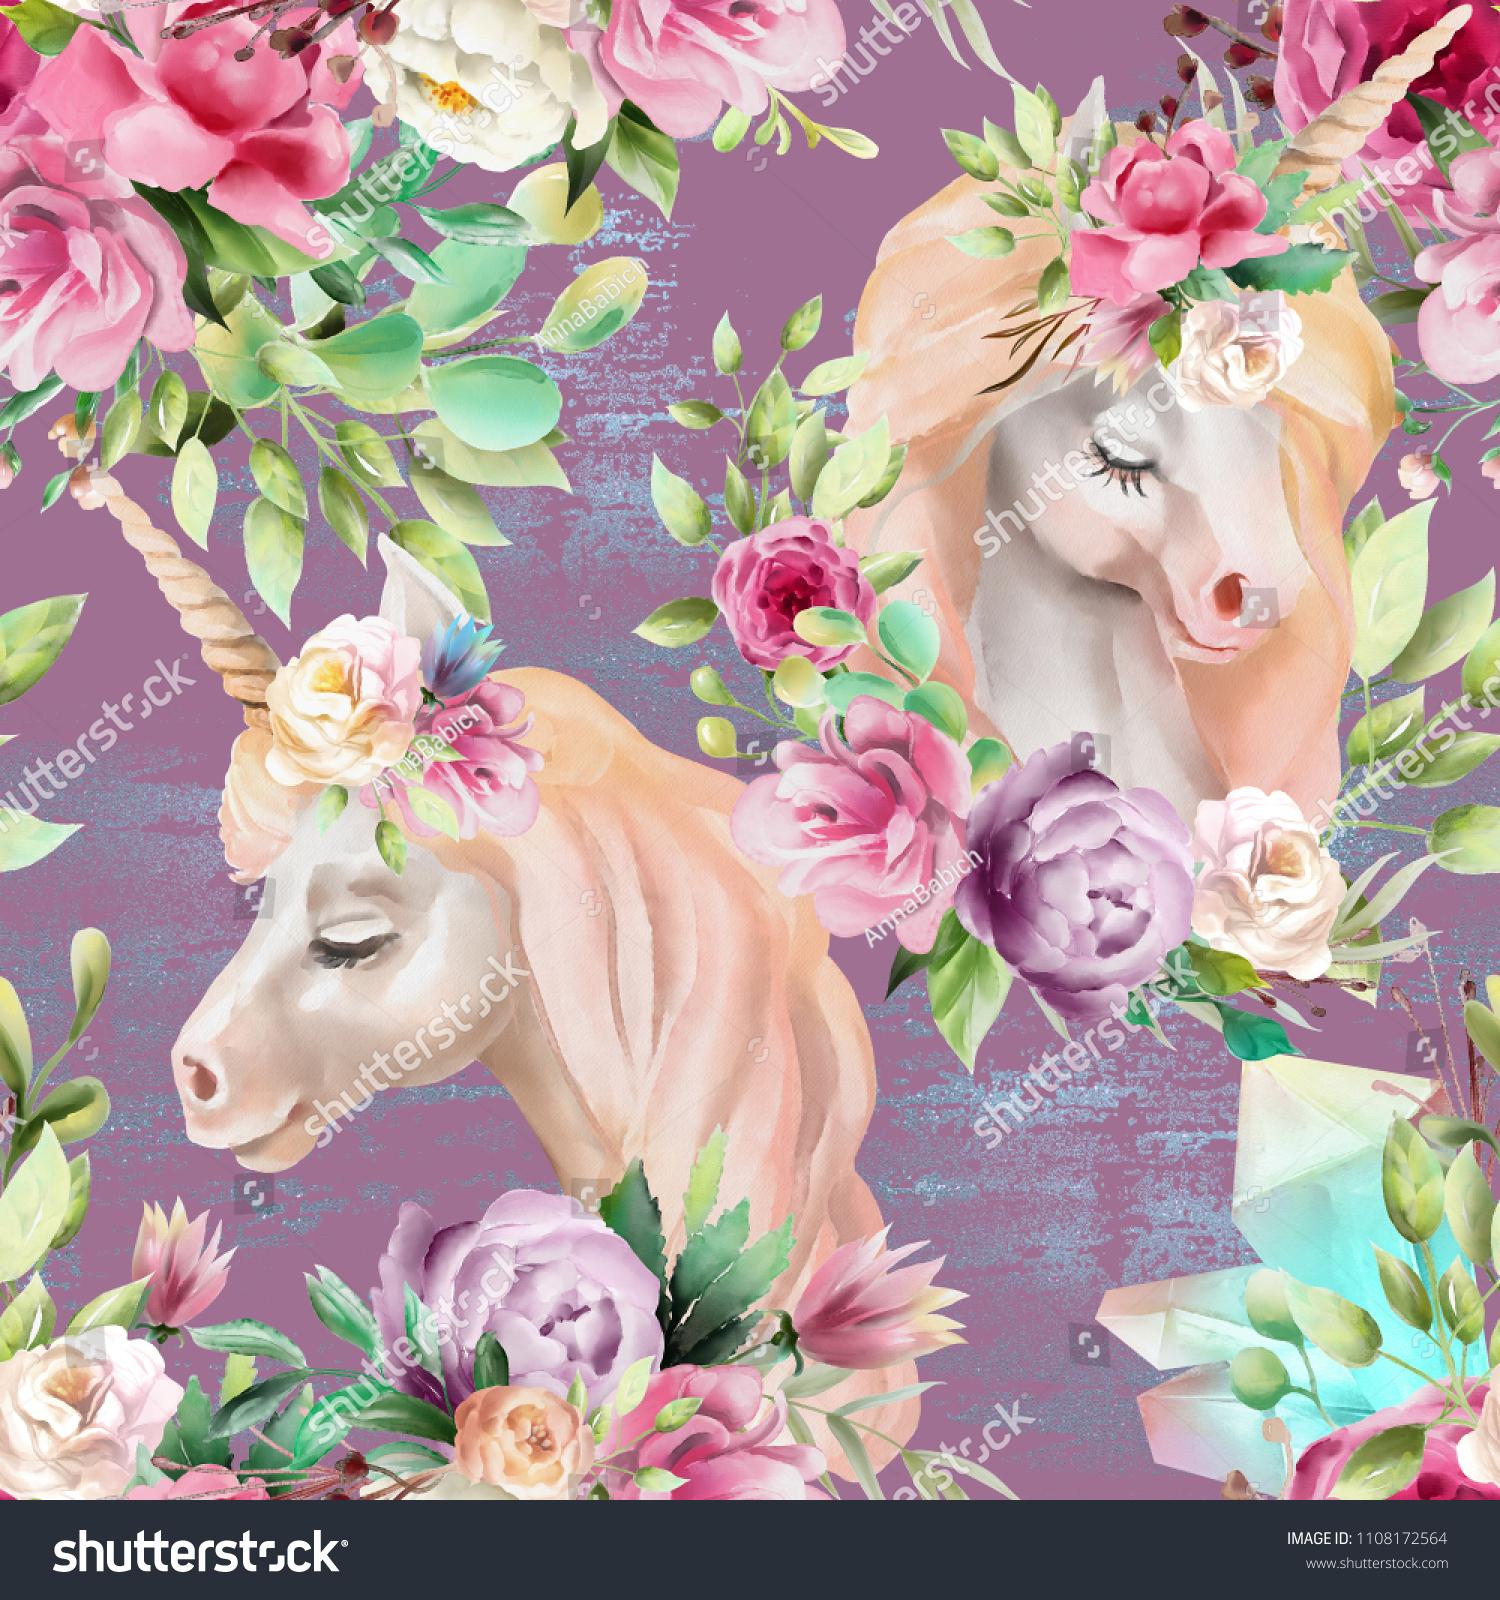 Beautiful watercolor unicorns princess pegasus violet stock beautiful watercolor unicorns princess pegasus with violet and cream peony pink roses magic izmirmasajfo